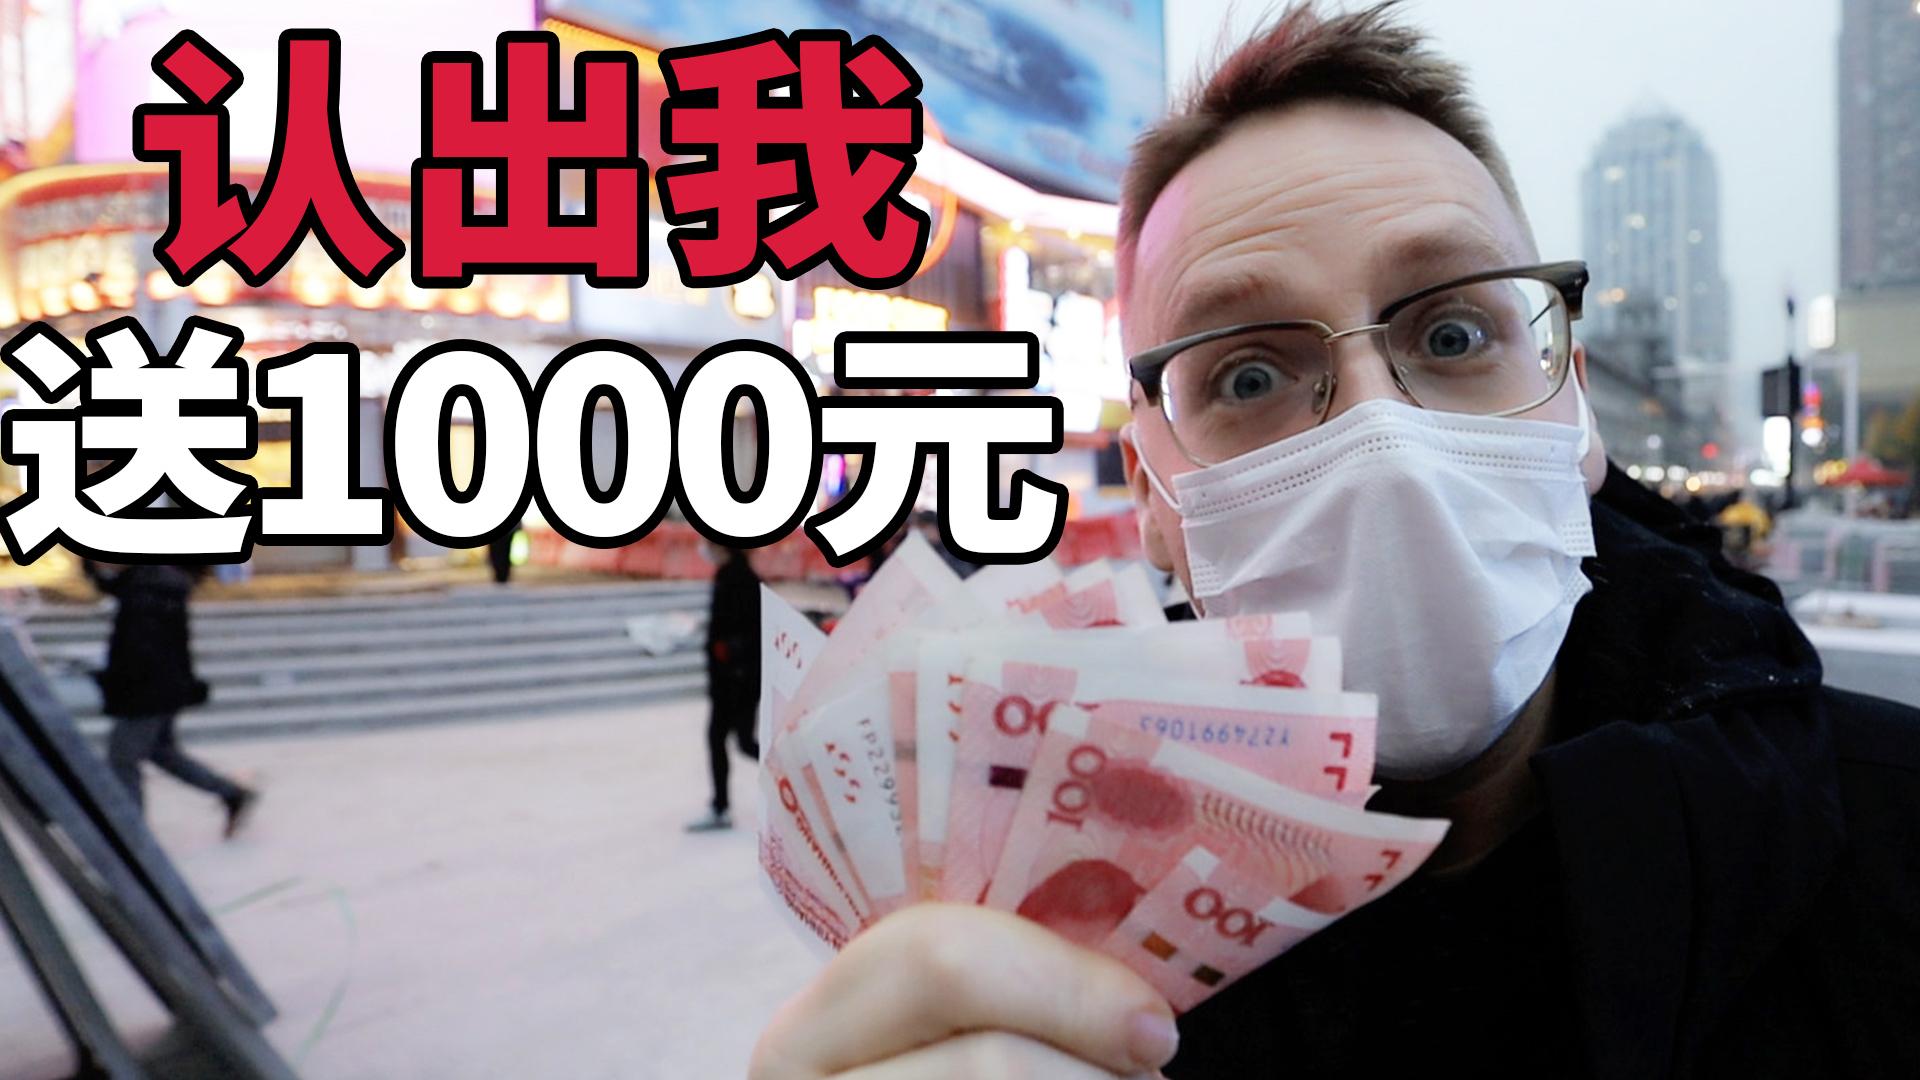 在武汉街头碰到粉丝,就送1000元!